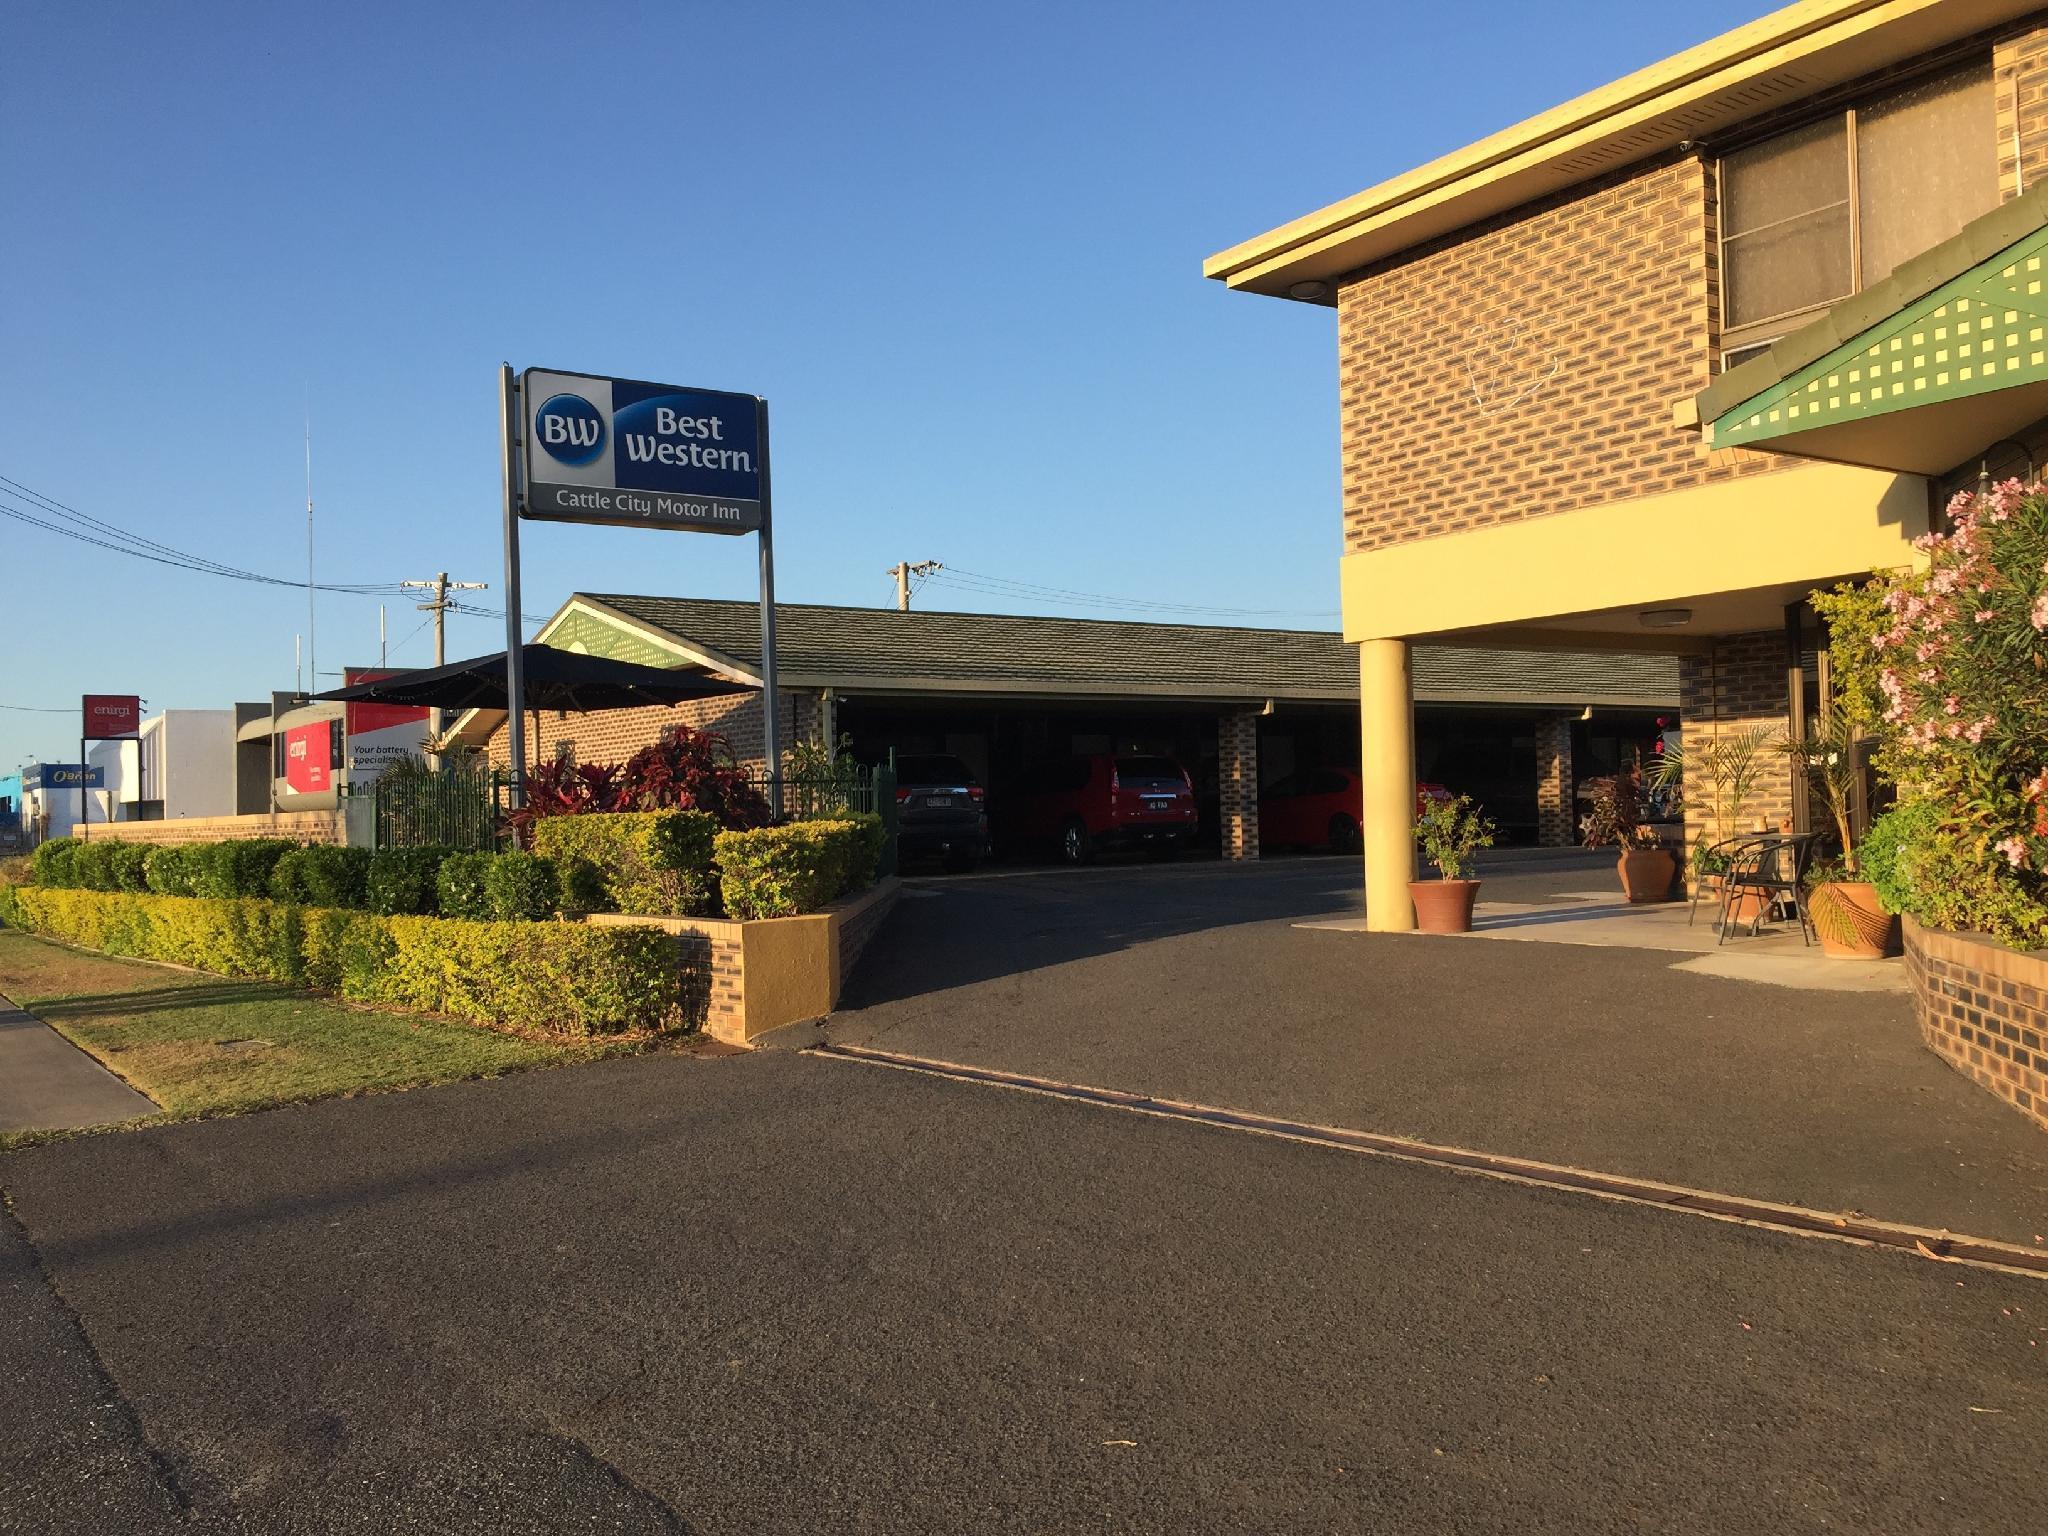 Best Western Cattle City Motor Inn Hotel